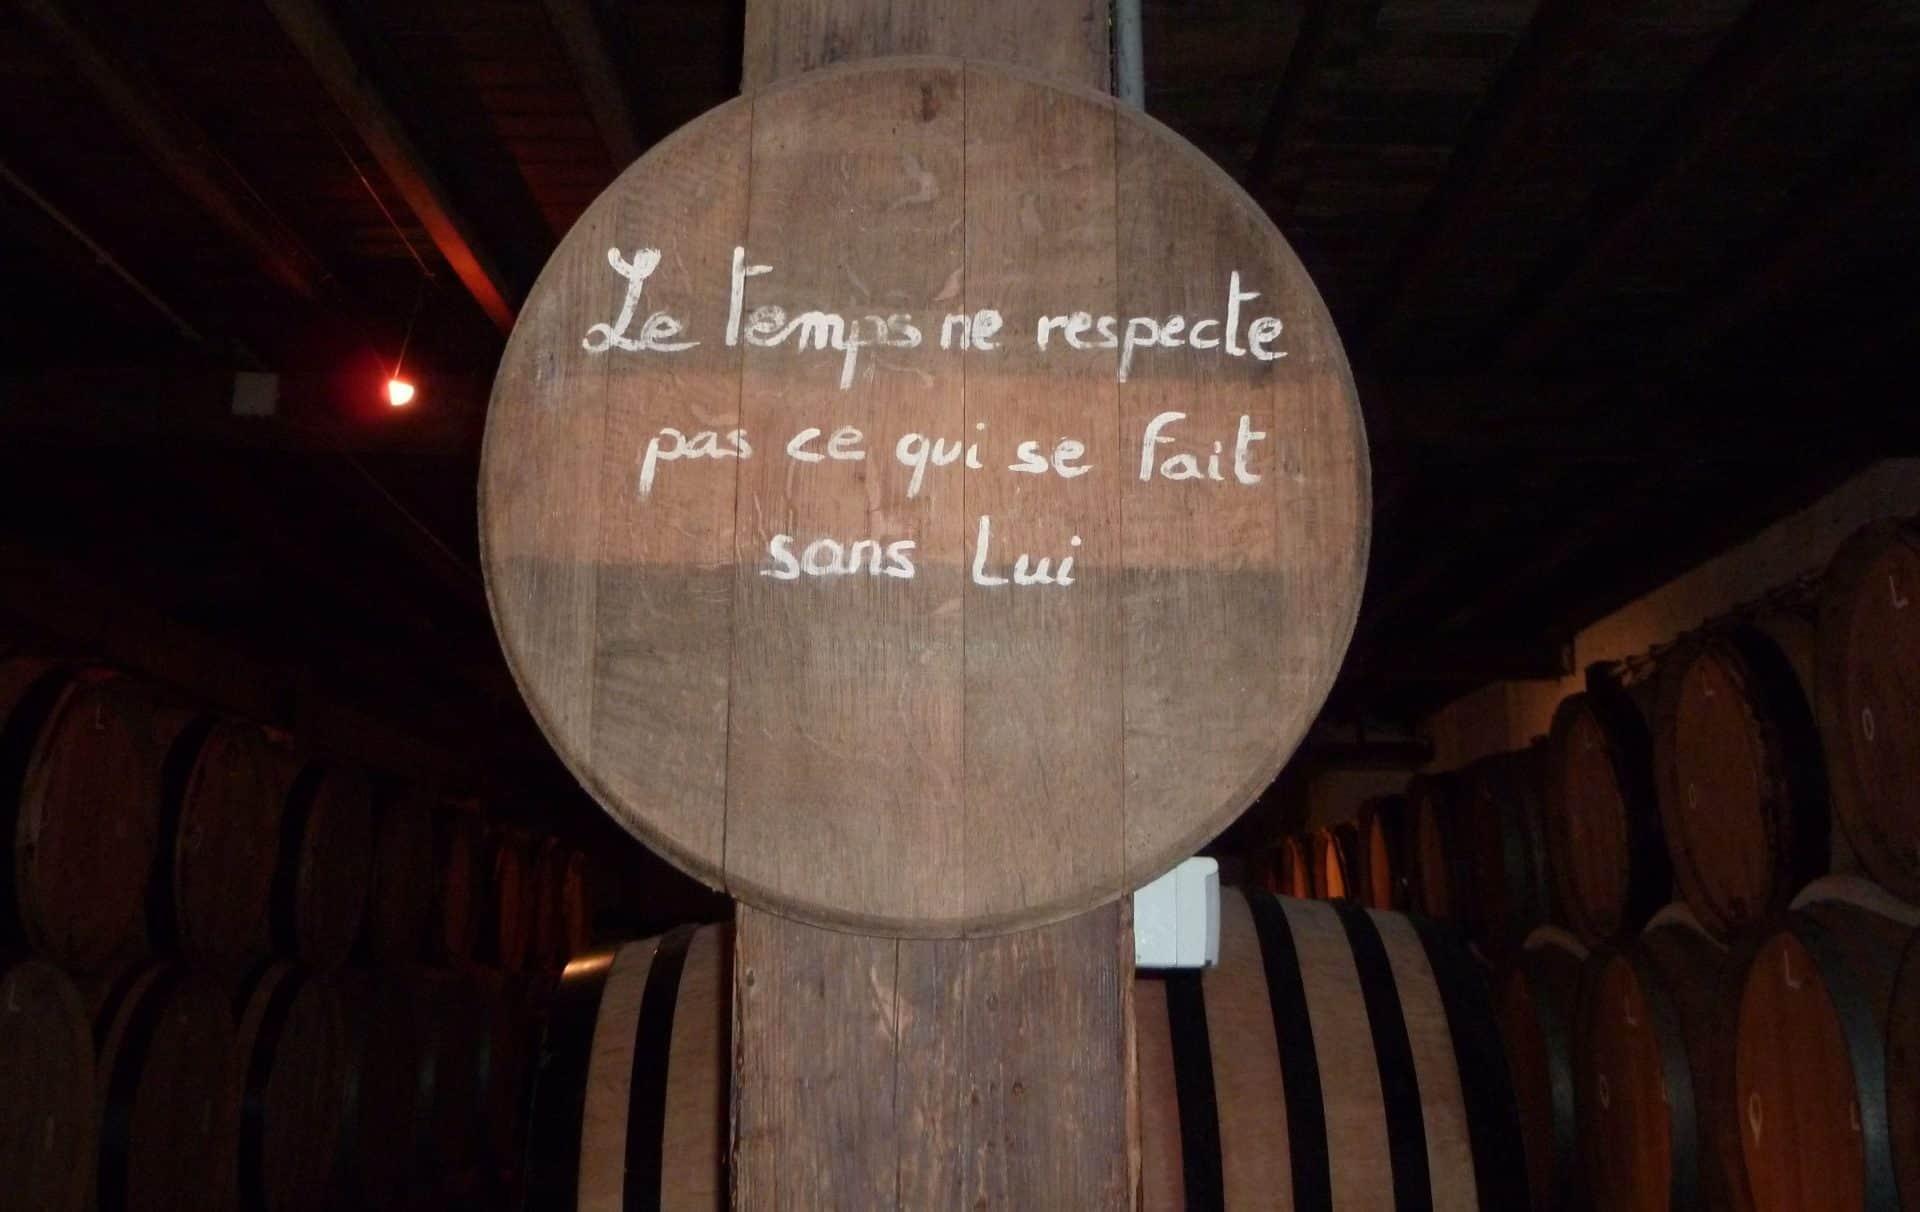 Visita al Museo e Birrificio Cantillon, la birreria più famosa di Bruxelles